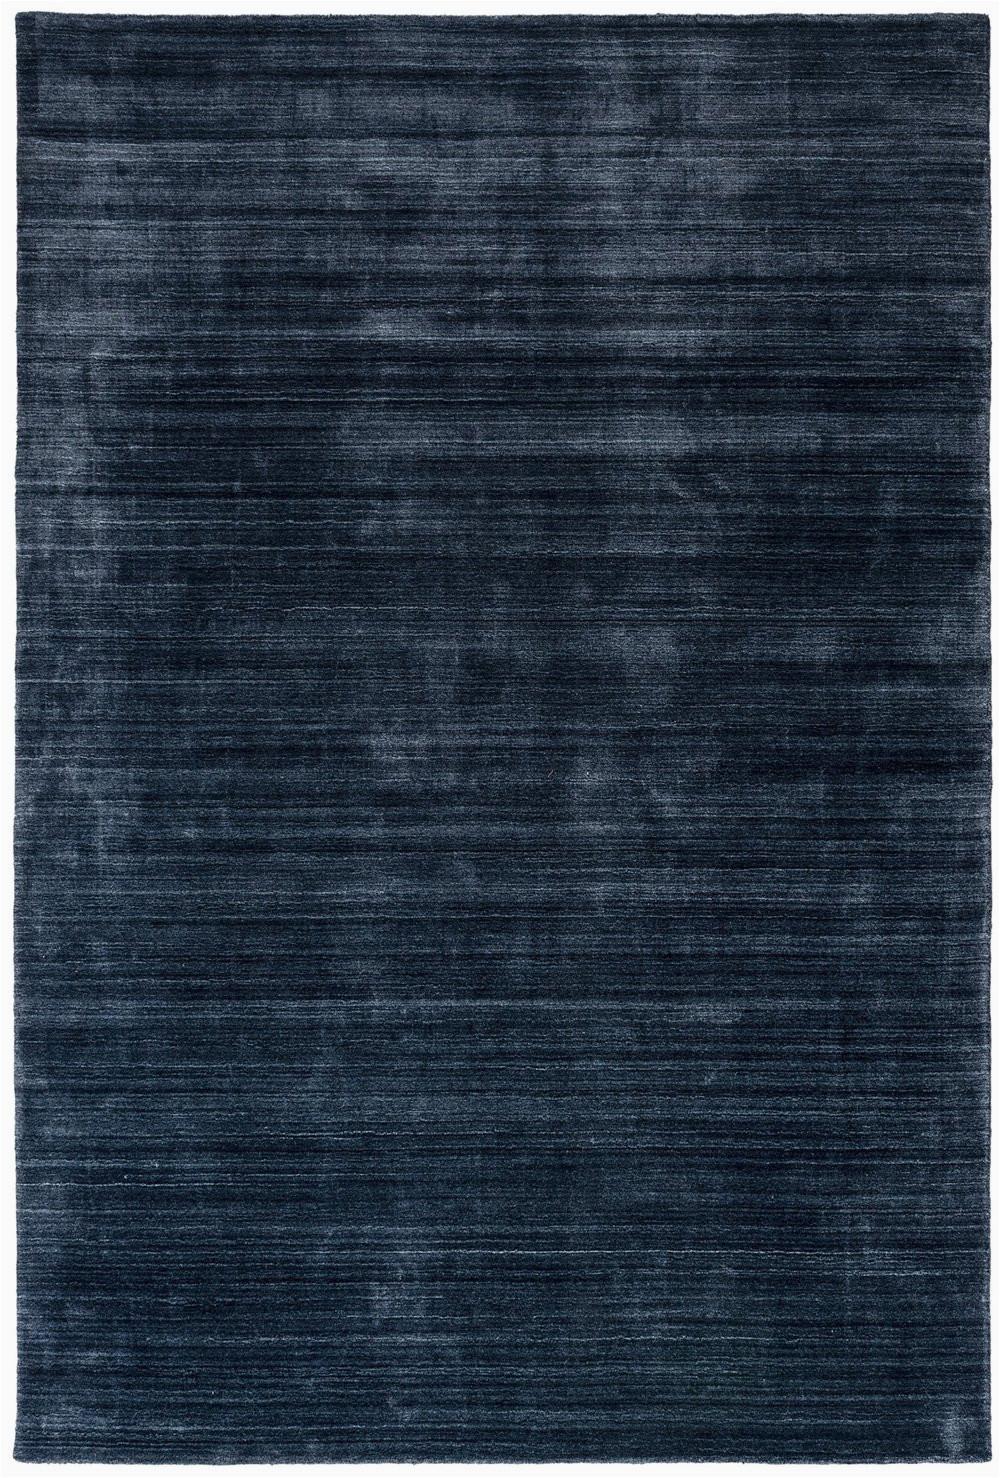 lilla rugs midnight plain rug navy blue 837 1547651239773 32